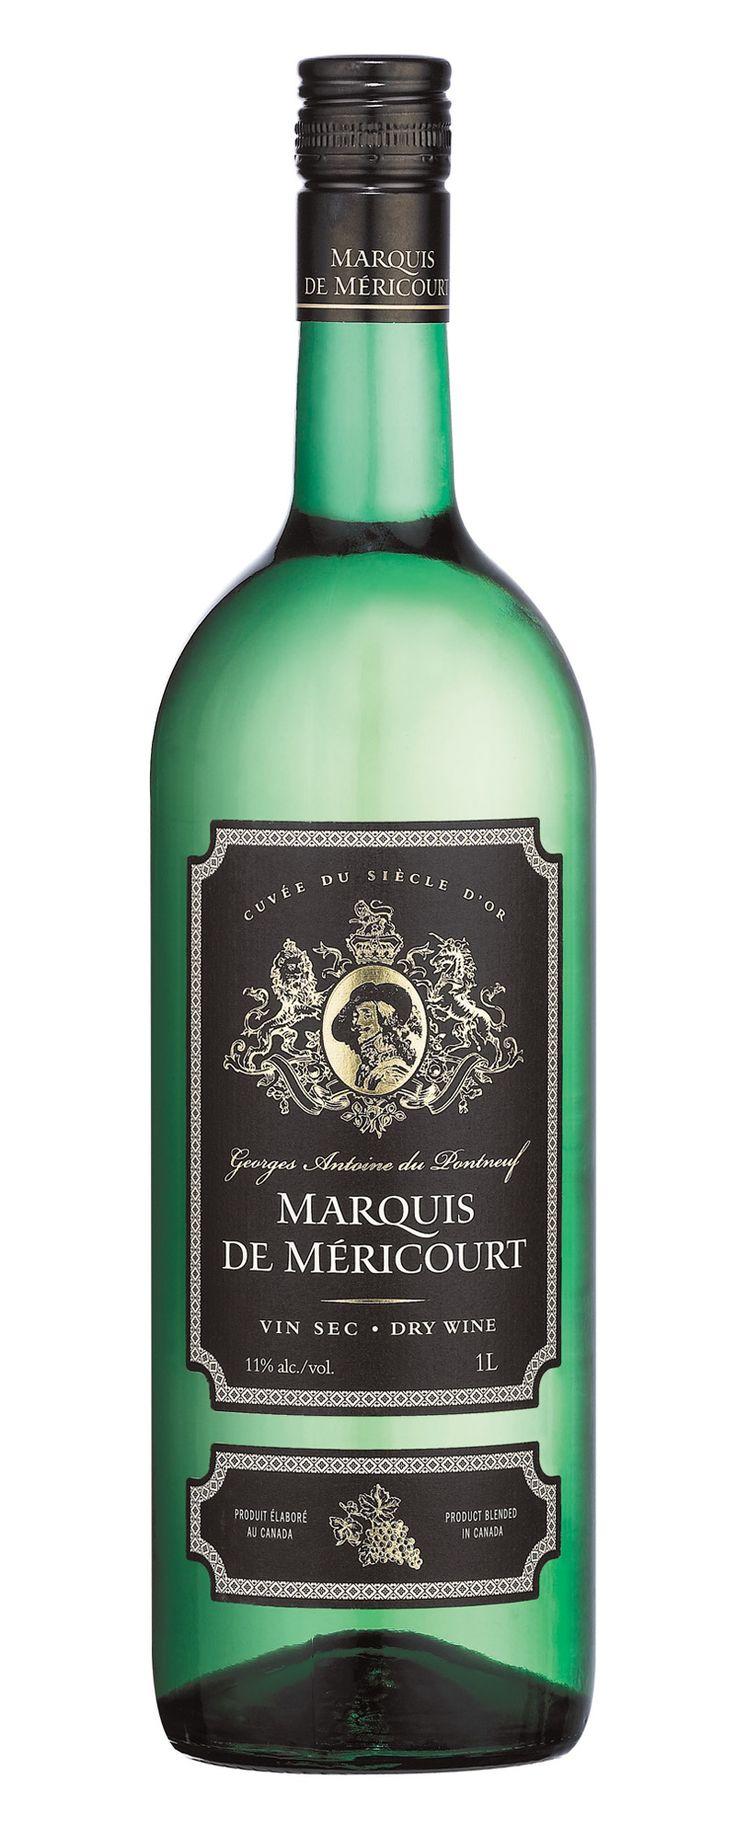 MARQUIS DE MÉRICOURT - La noblesse blanche de nos marchés! Un vin blanc dont sa robe est brillante, épanoui et doré. On retrouve de beaux arômes fruités et secs. En bouche il a beaucoup de souplesse et de fraîcheur. Un demi-sec à la texture plutôt souple que grasse. La température de service se situe entre 6°C &: 8°C / Degré d'alcool 11,0 %